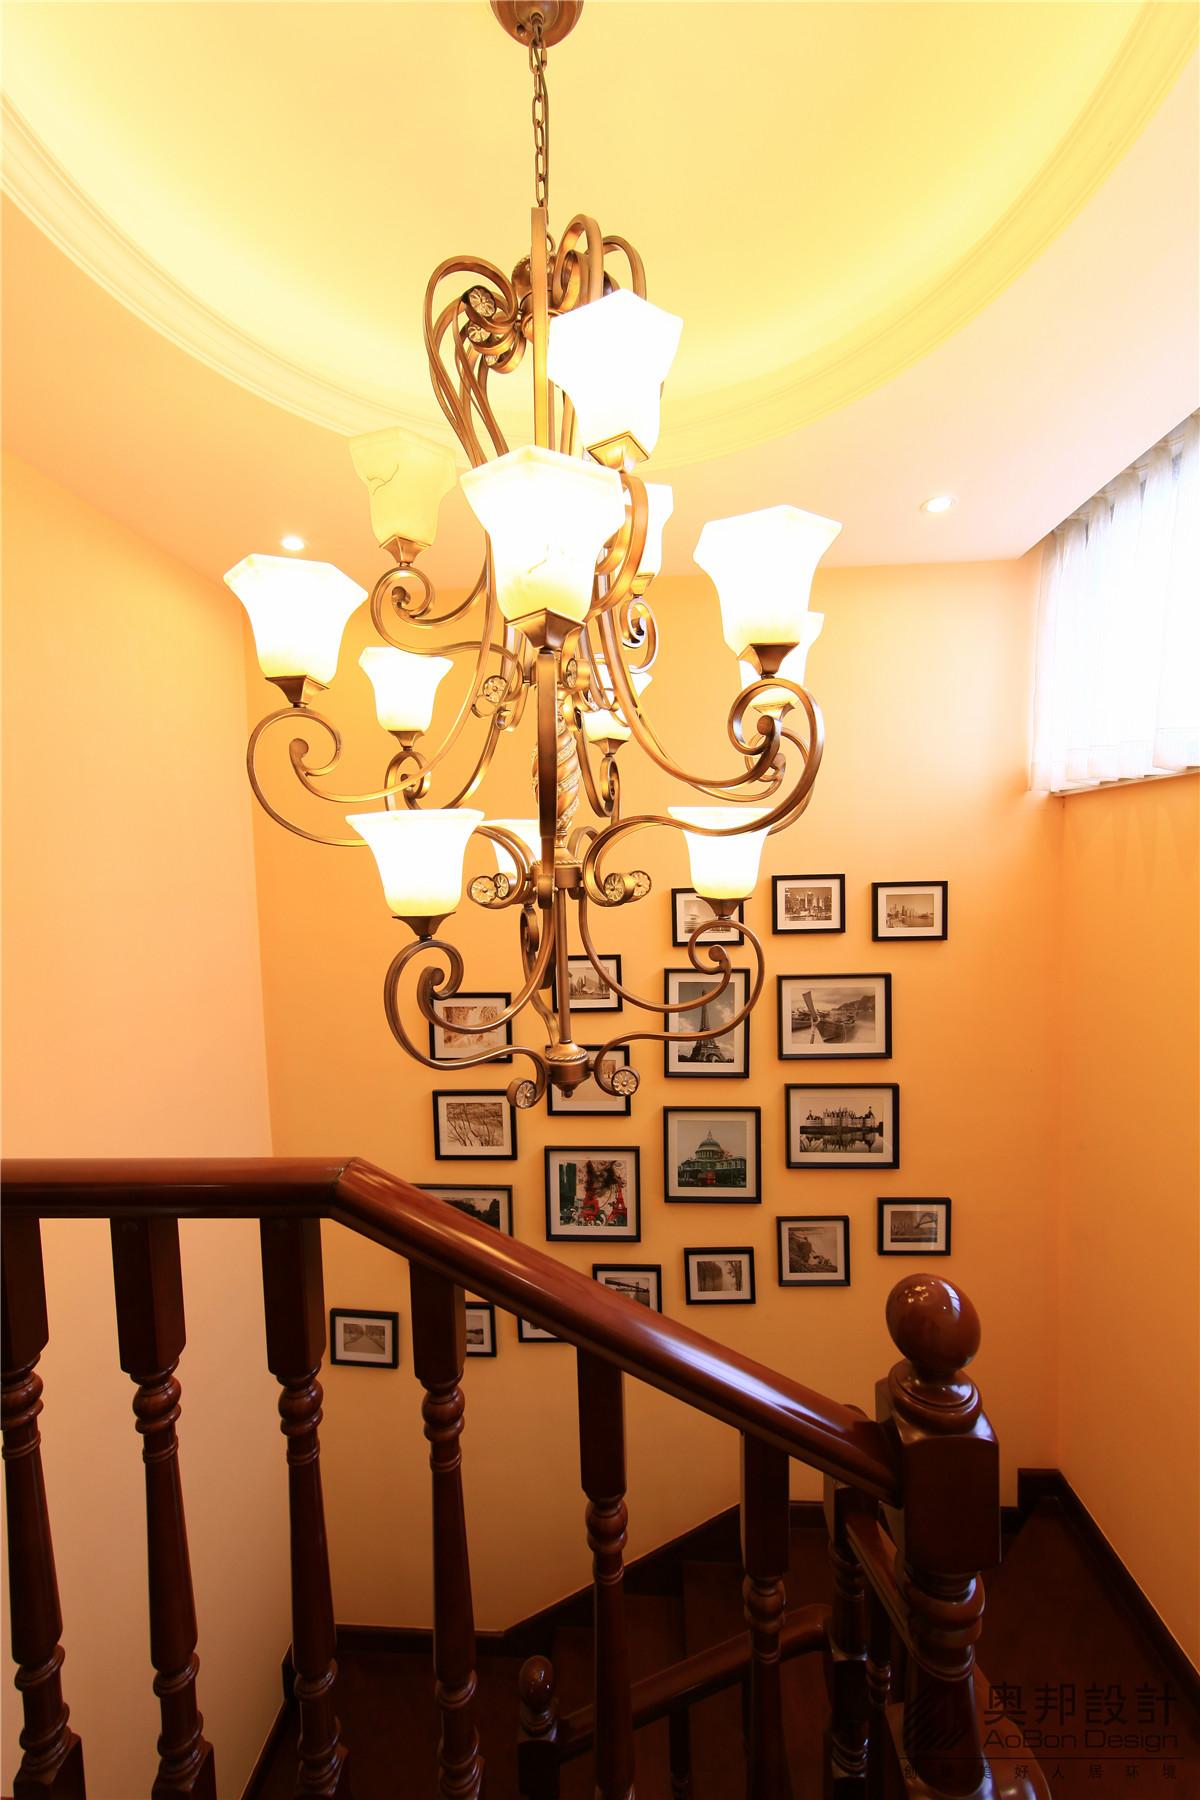 欧式 别墅 奥邦装饰 赵新艳 首席设计师 别墅装修 实景展示 楼梯图片来自上海奥邦装饰在美式风格别墅实景拍摄的分享